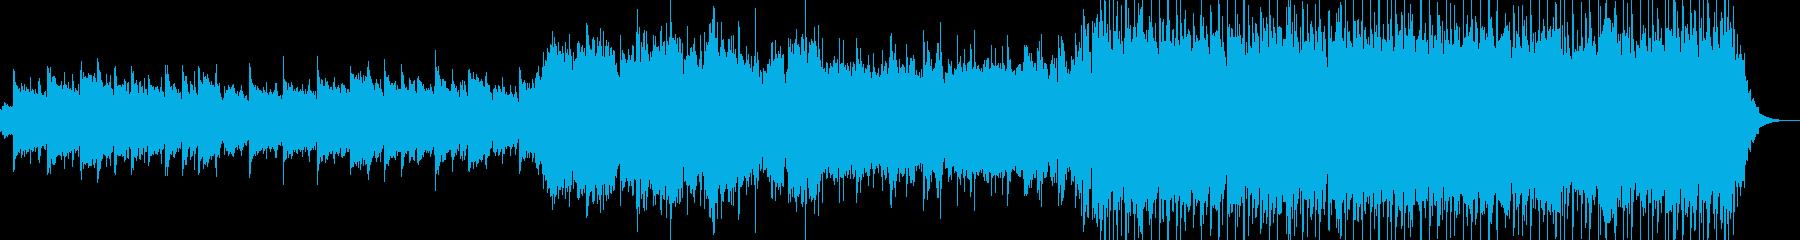 明るい感動的なエンディングの再生済みの波形